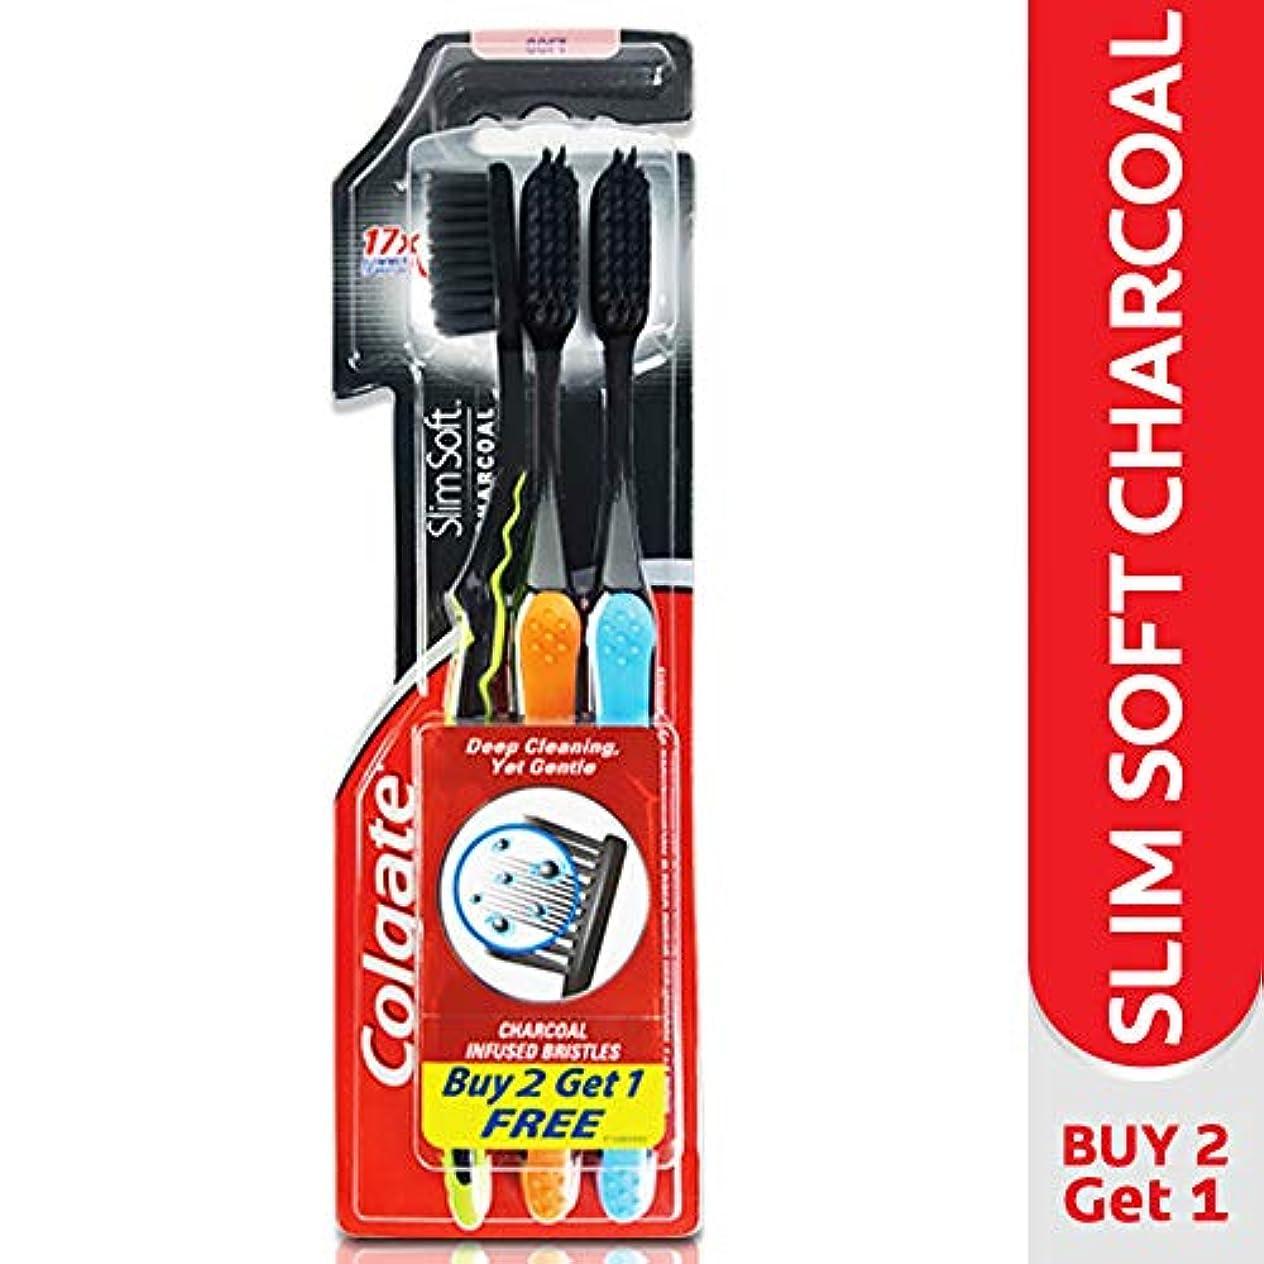 クアッガ流暢の間でColgate Slim Soft Charcoal Toothbrush (Pack of 3) 17x Slimmer Soft Tip Bristles (Ship From India)